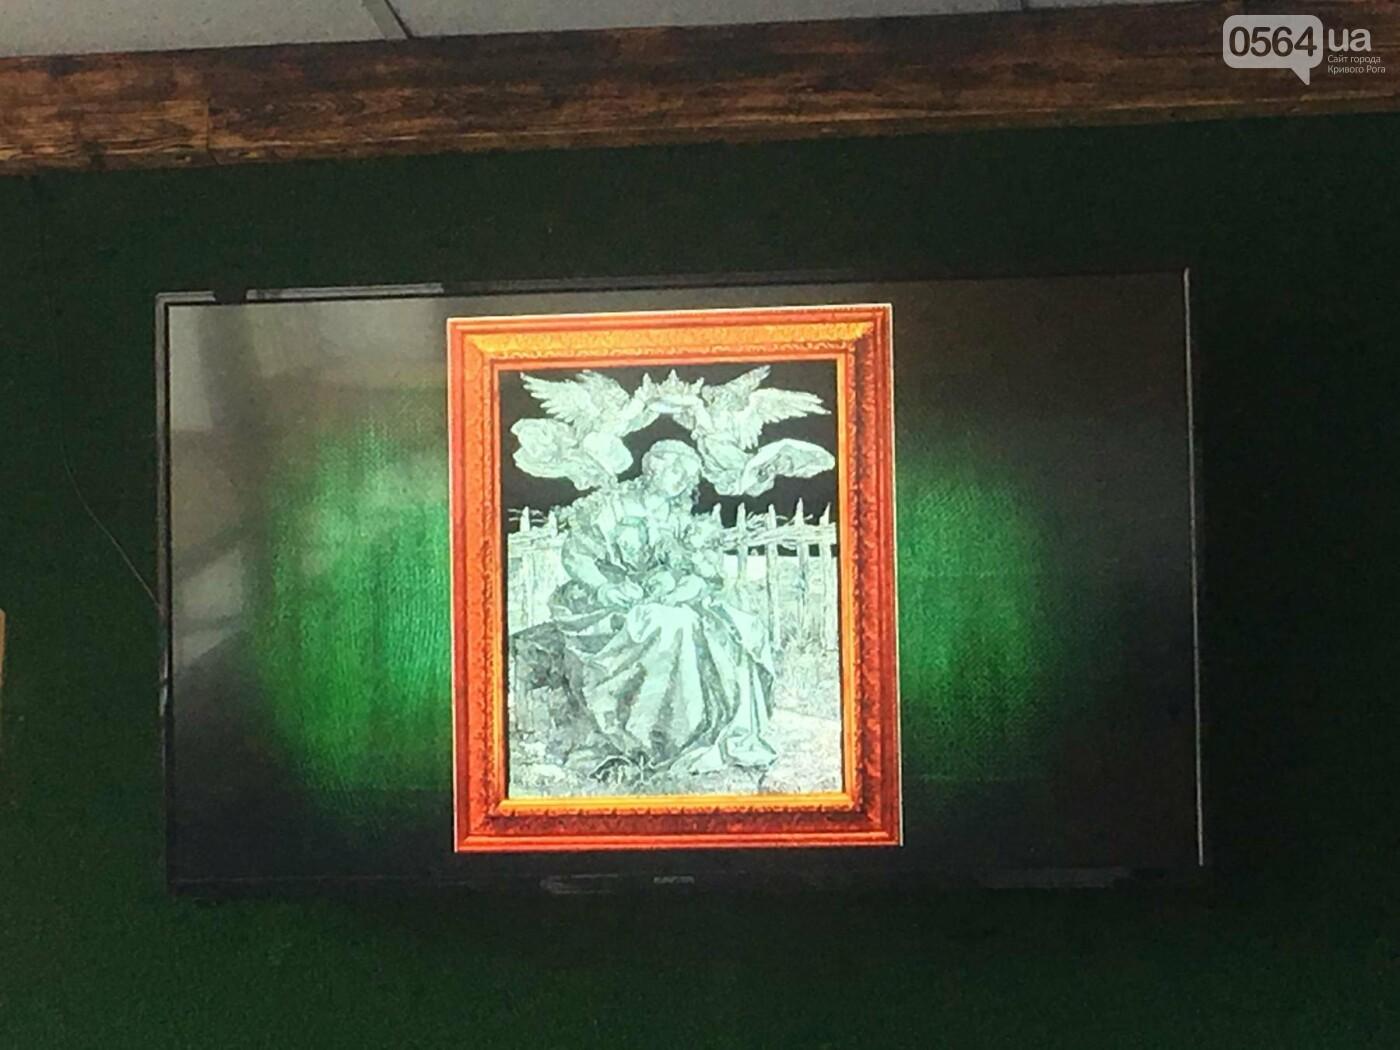 """Перед отправкой в Европу криворожанам презентовали картины """"Тайная вечеря"""" и """"Рыцарь, смерть и дьявол"""", - ФОТО, ВИДЕО, фото-15"""